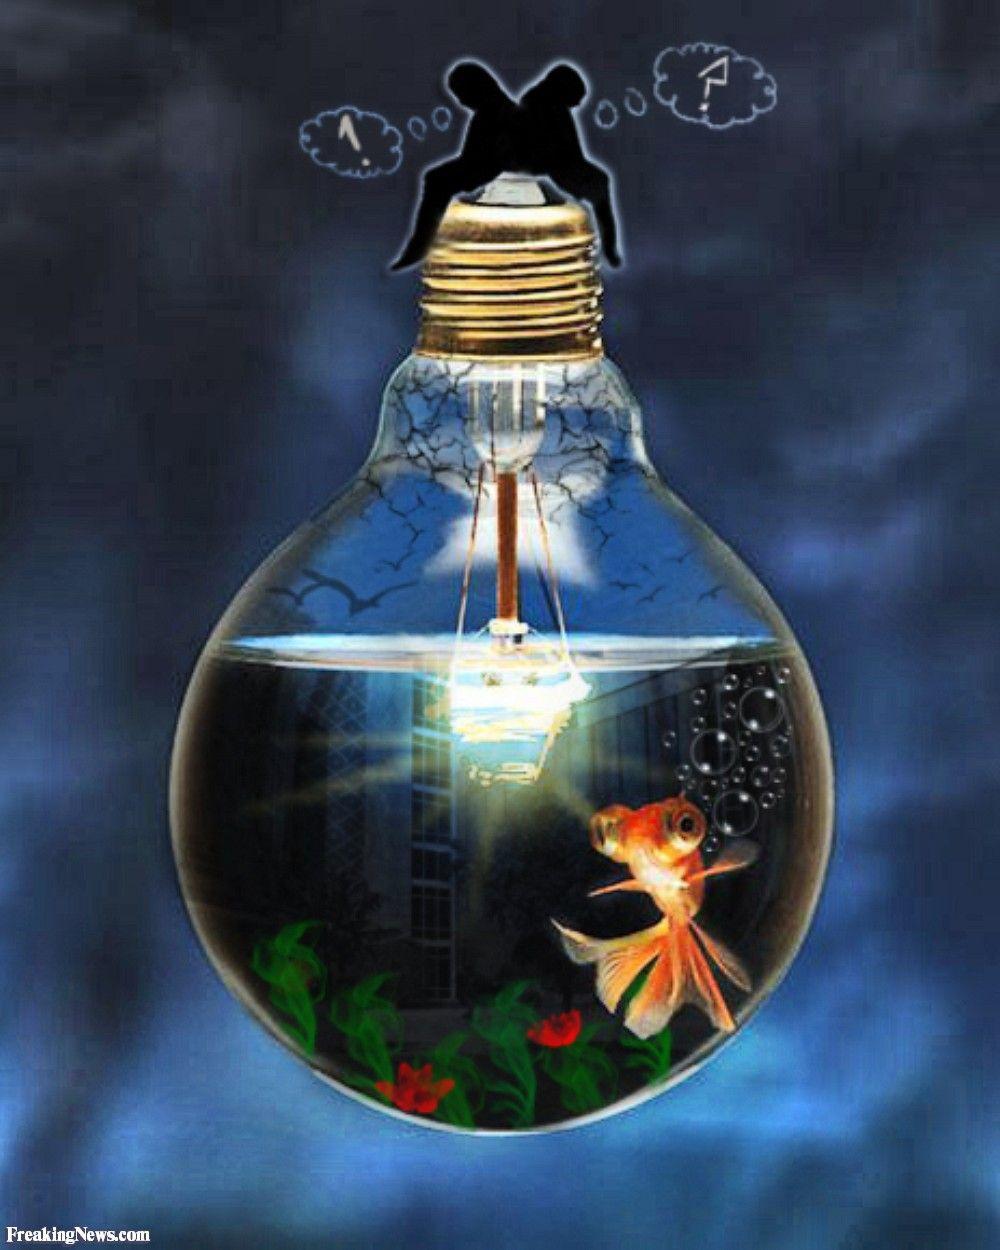 1000 images about lightbulb things on pinterest lightbulbs bulbs - Light Bulb Aquarium 52215 Jpg 1000 1250 Arte Pinterest Lightbulbs